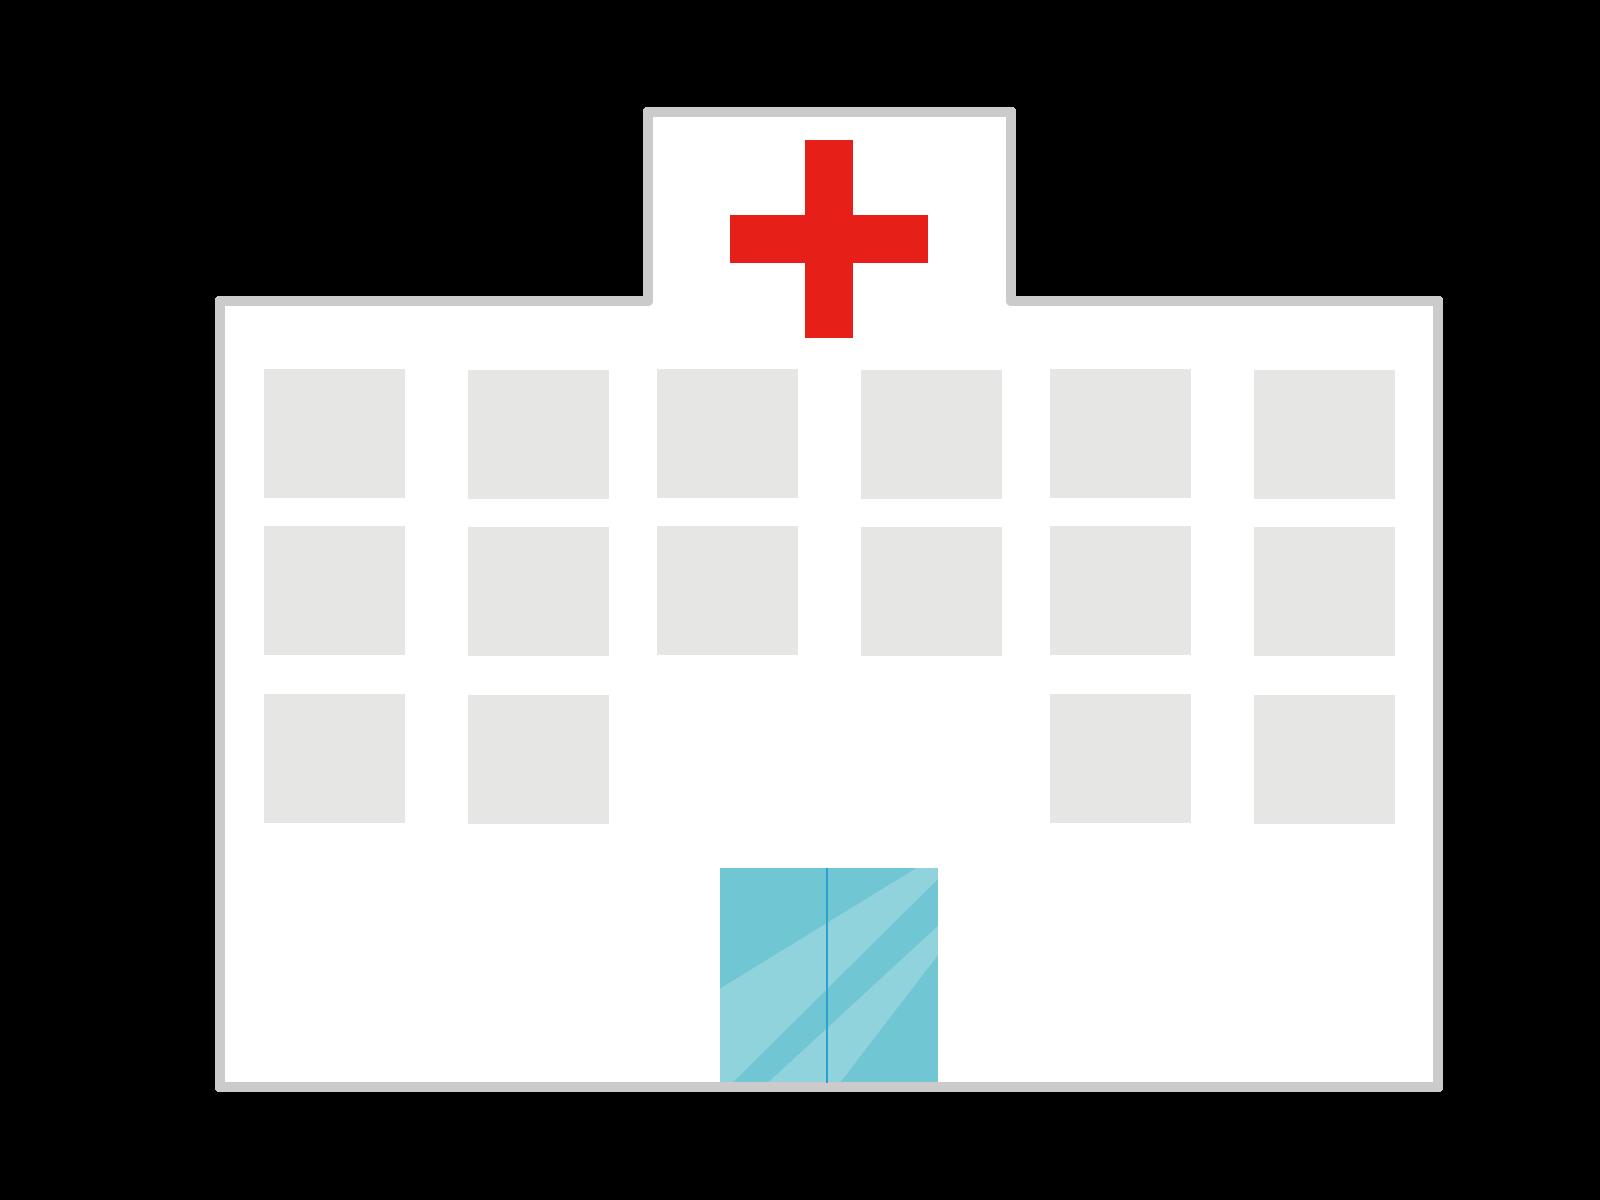 健康保険料や国民健康保険料